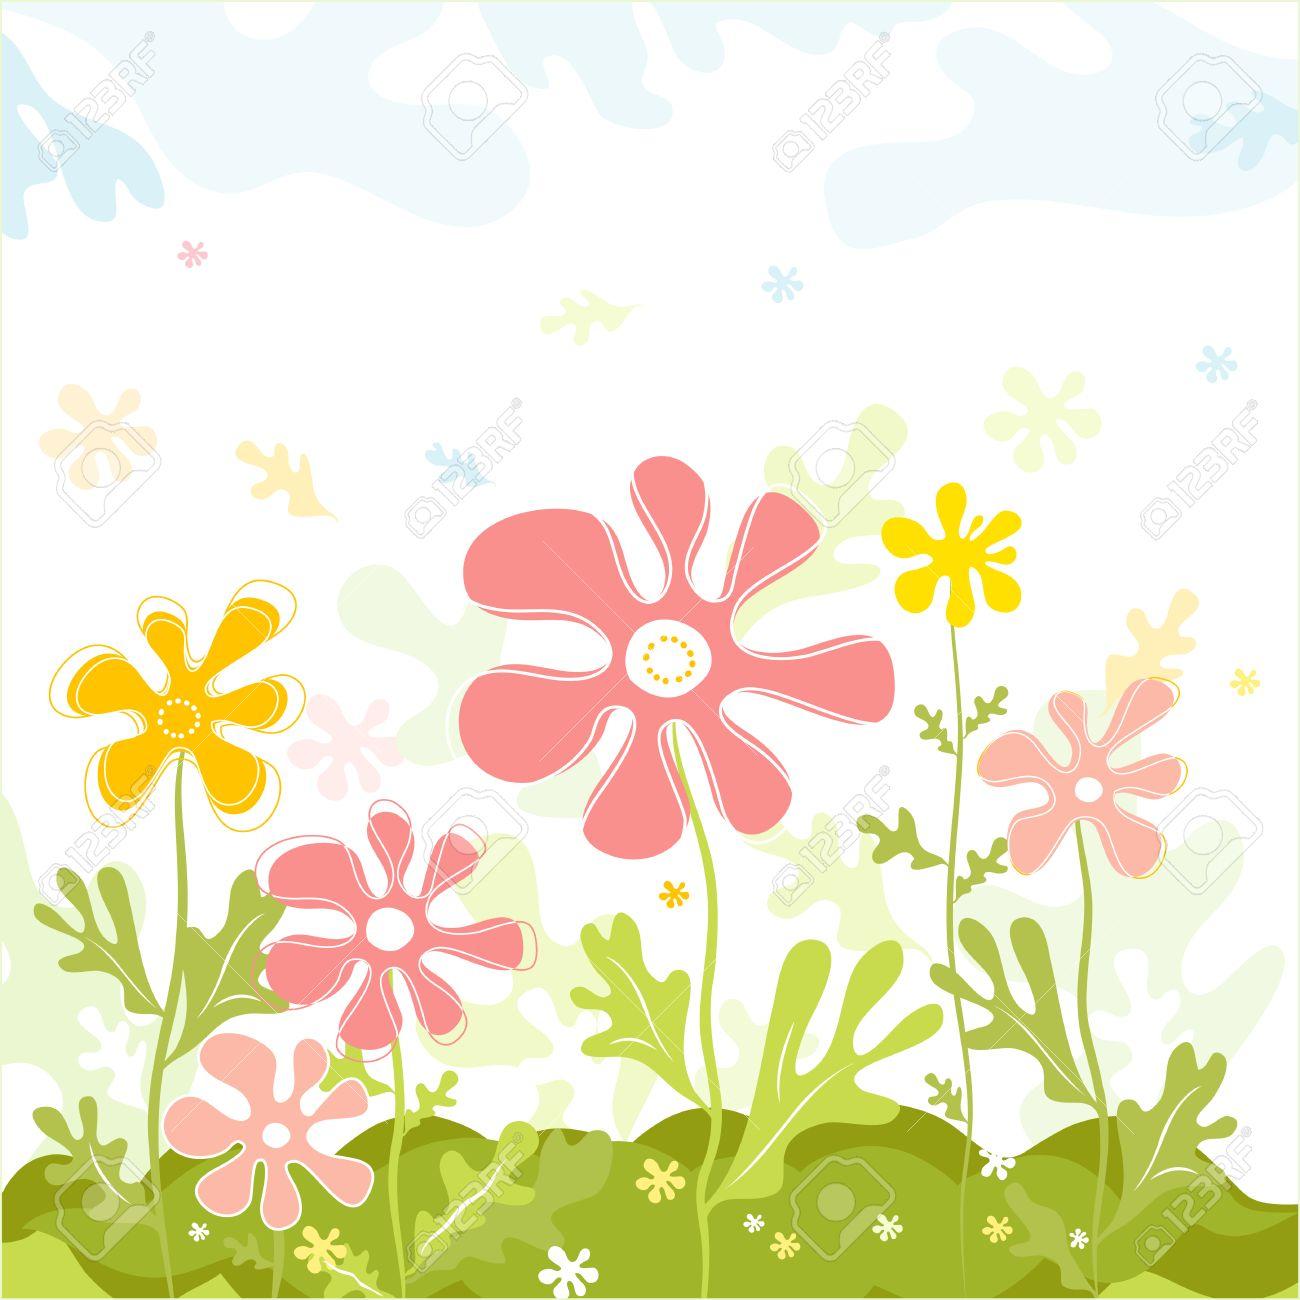 Fiore Clipart Rosa - Immagini gratis su Pixabay